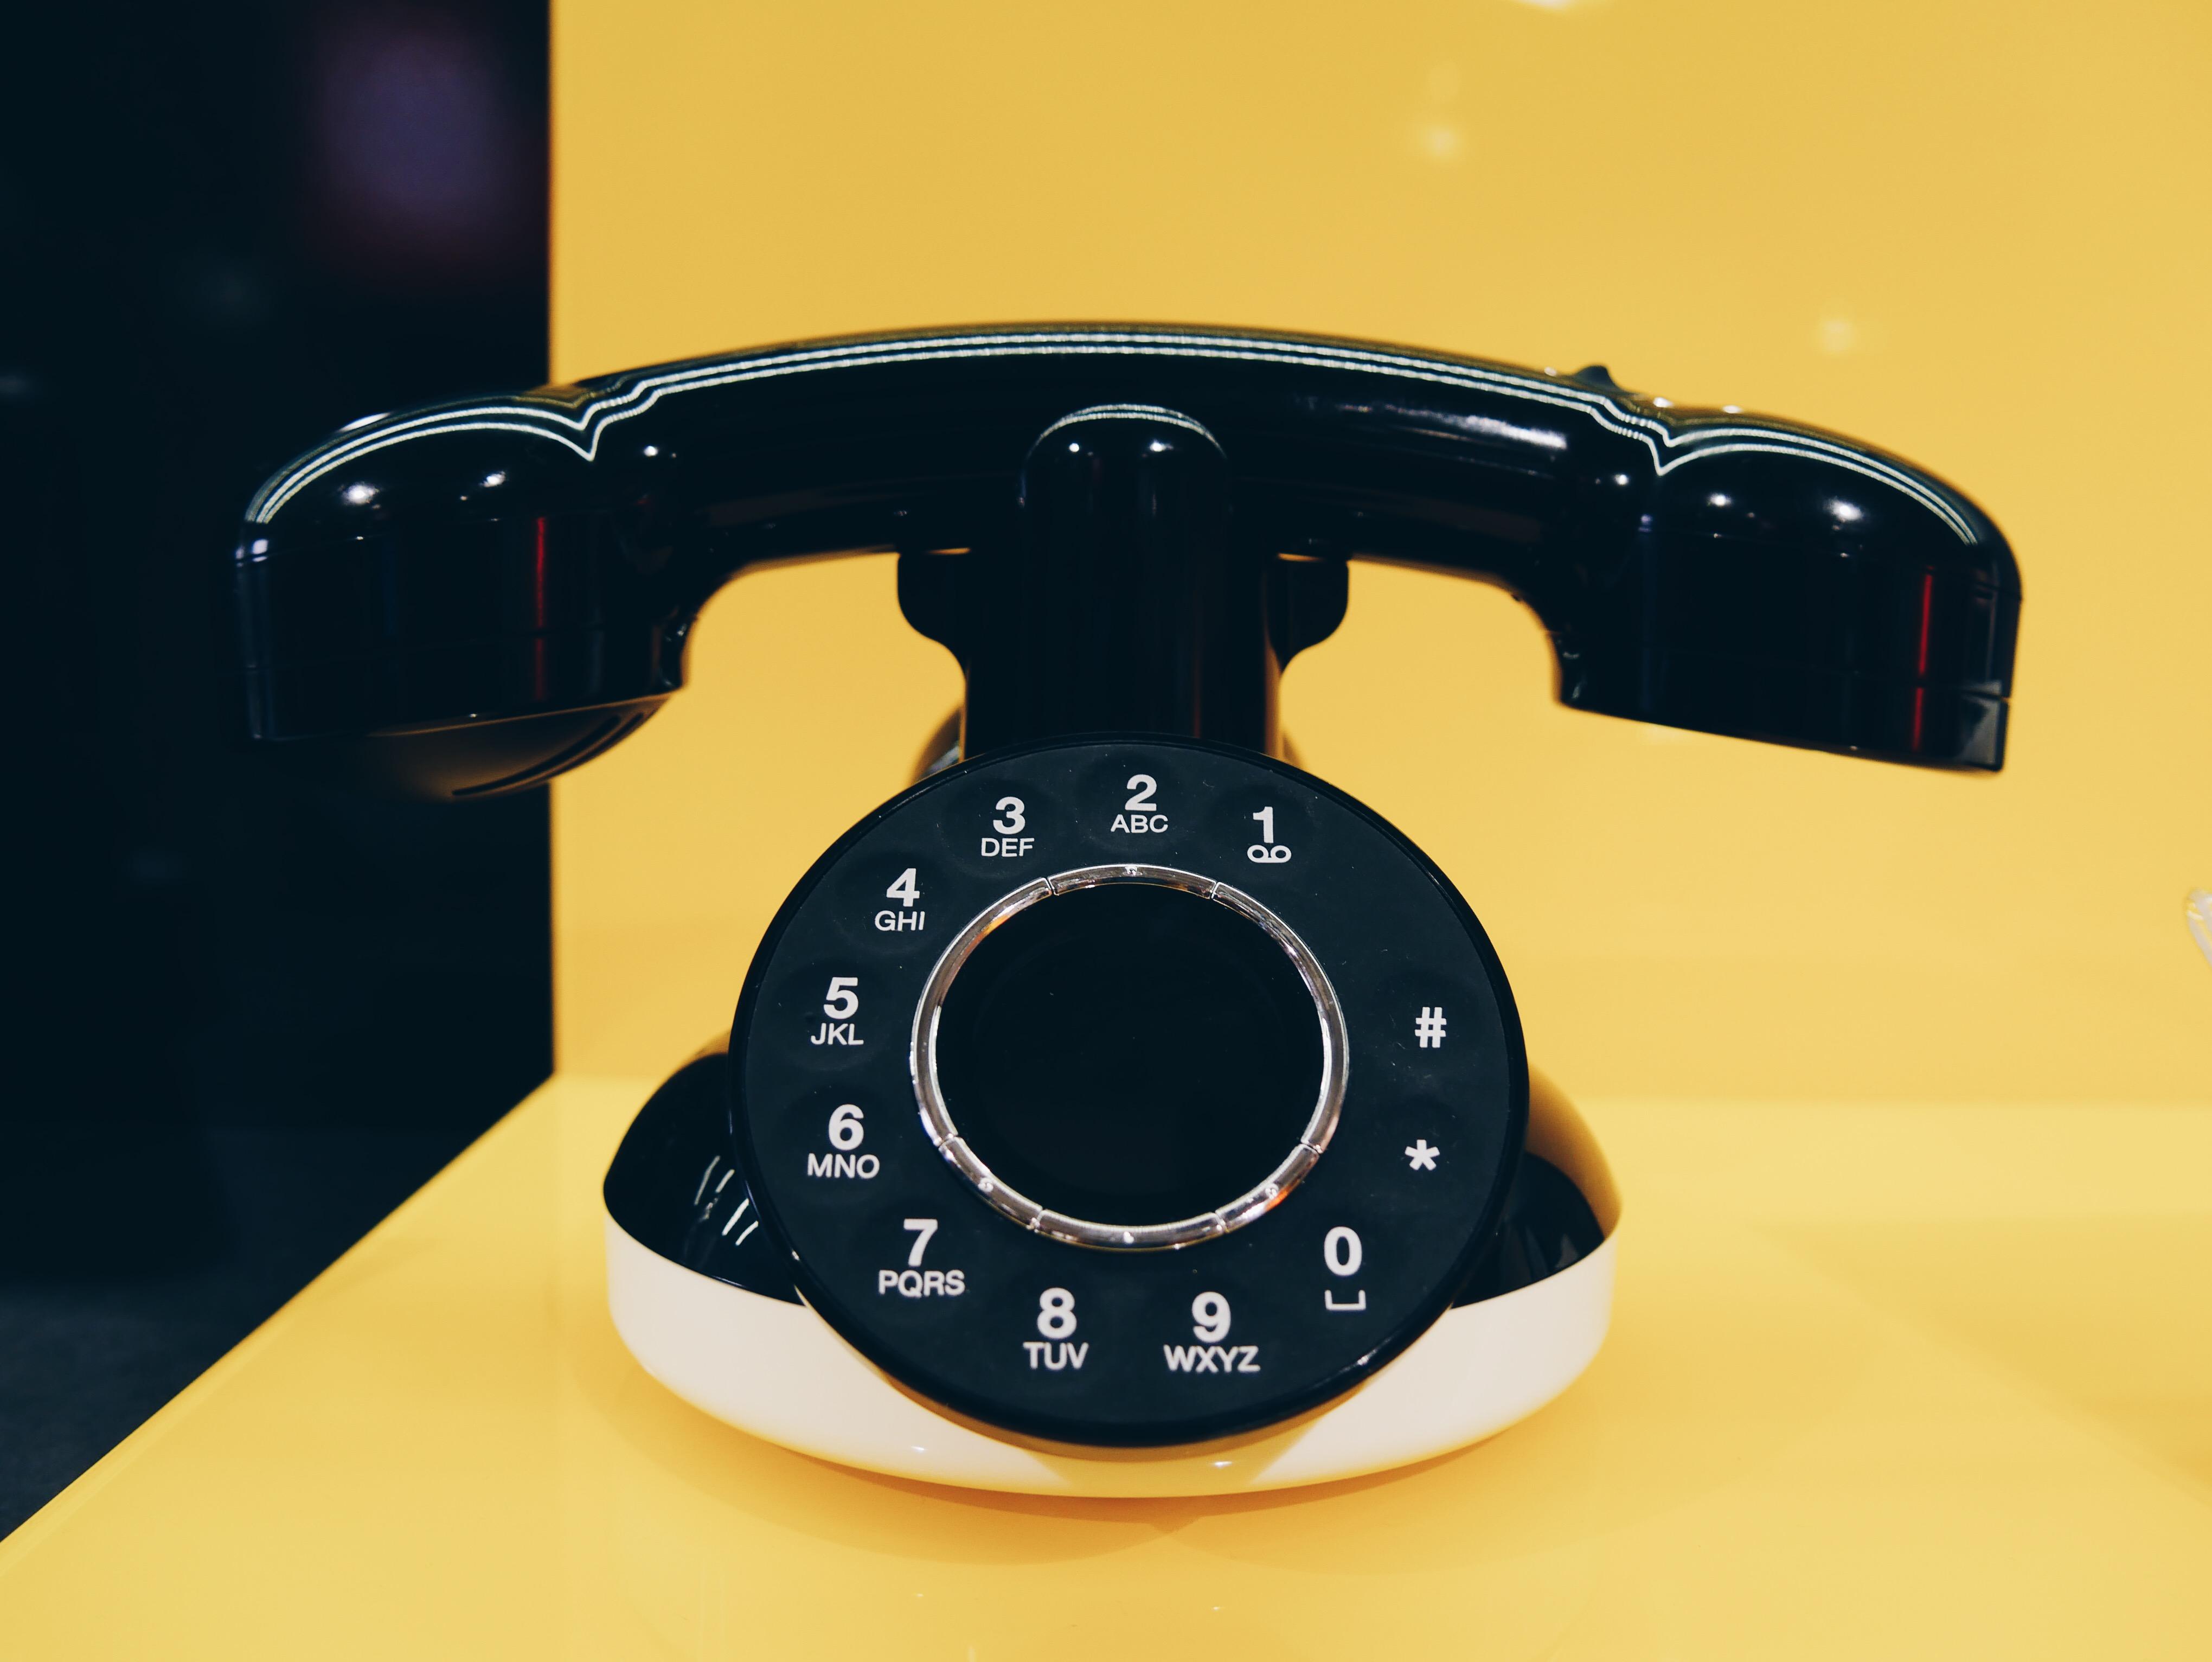 NeoRetro-Orange-téléphone-fixe-universel-à-cadran-design-vintage-écouteur-haut-parleur-photo-usofparis-blog